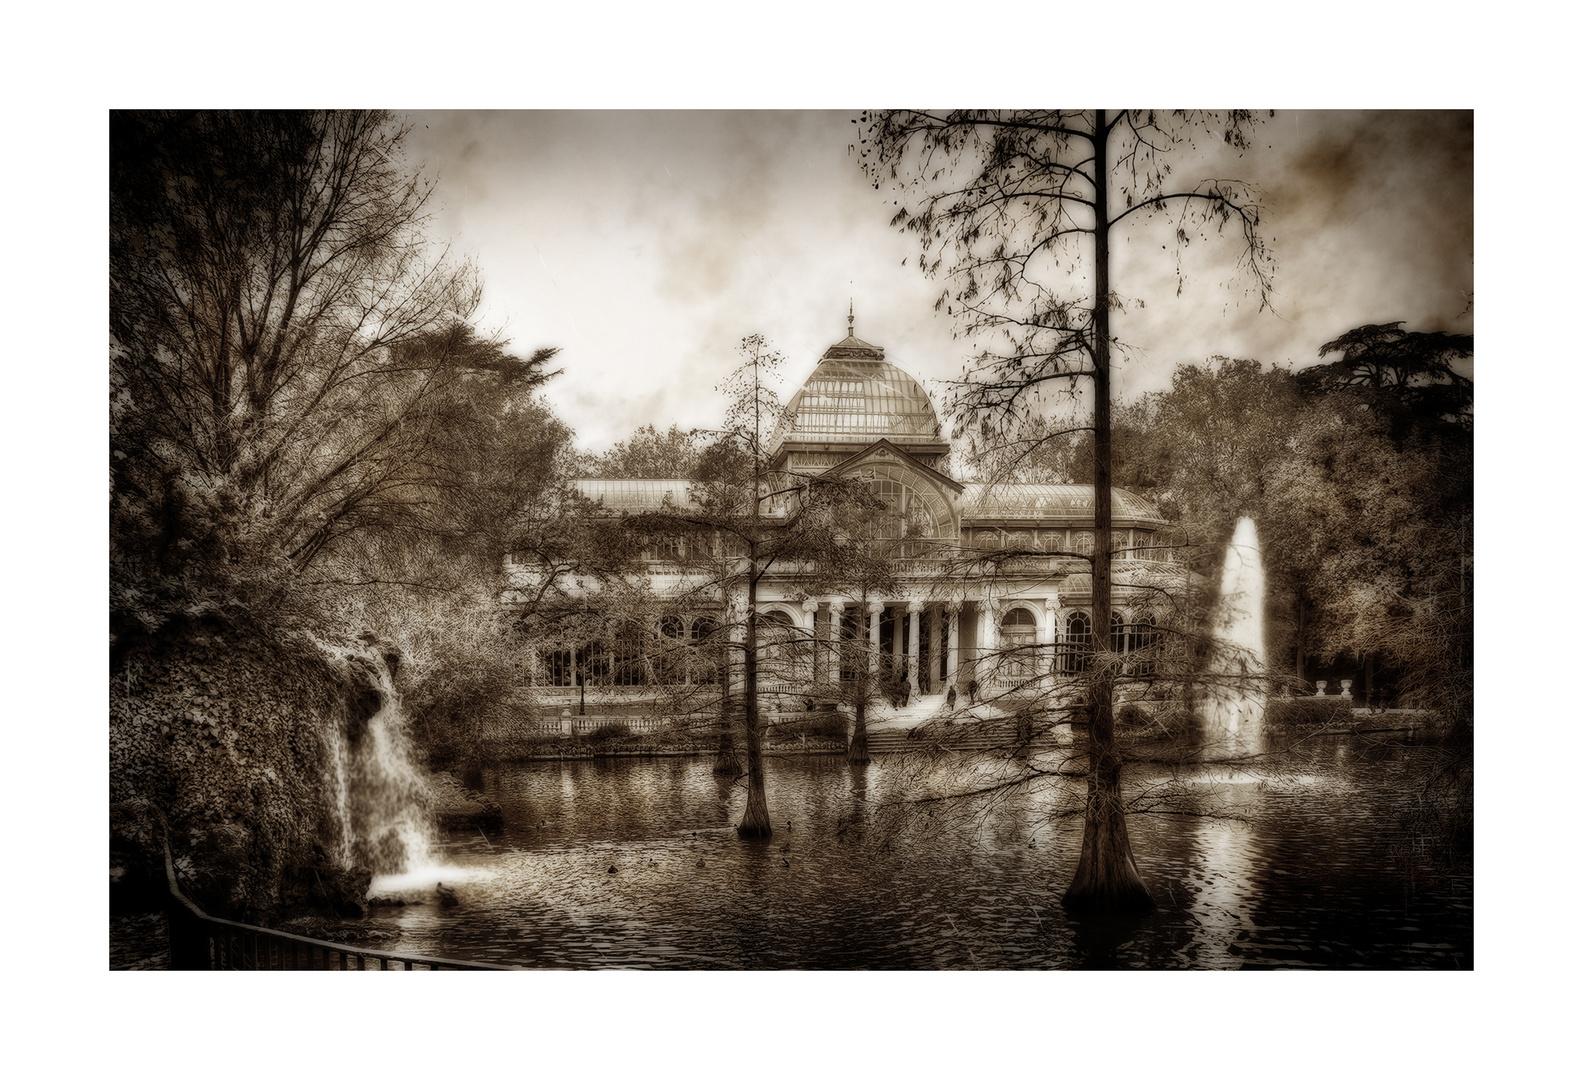 Proyecto 2012/01: Palacio de cristal 3 de Jorge Rodriguez Mesias